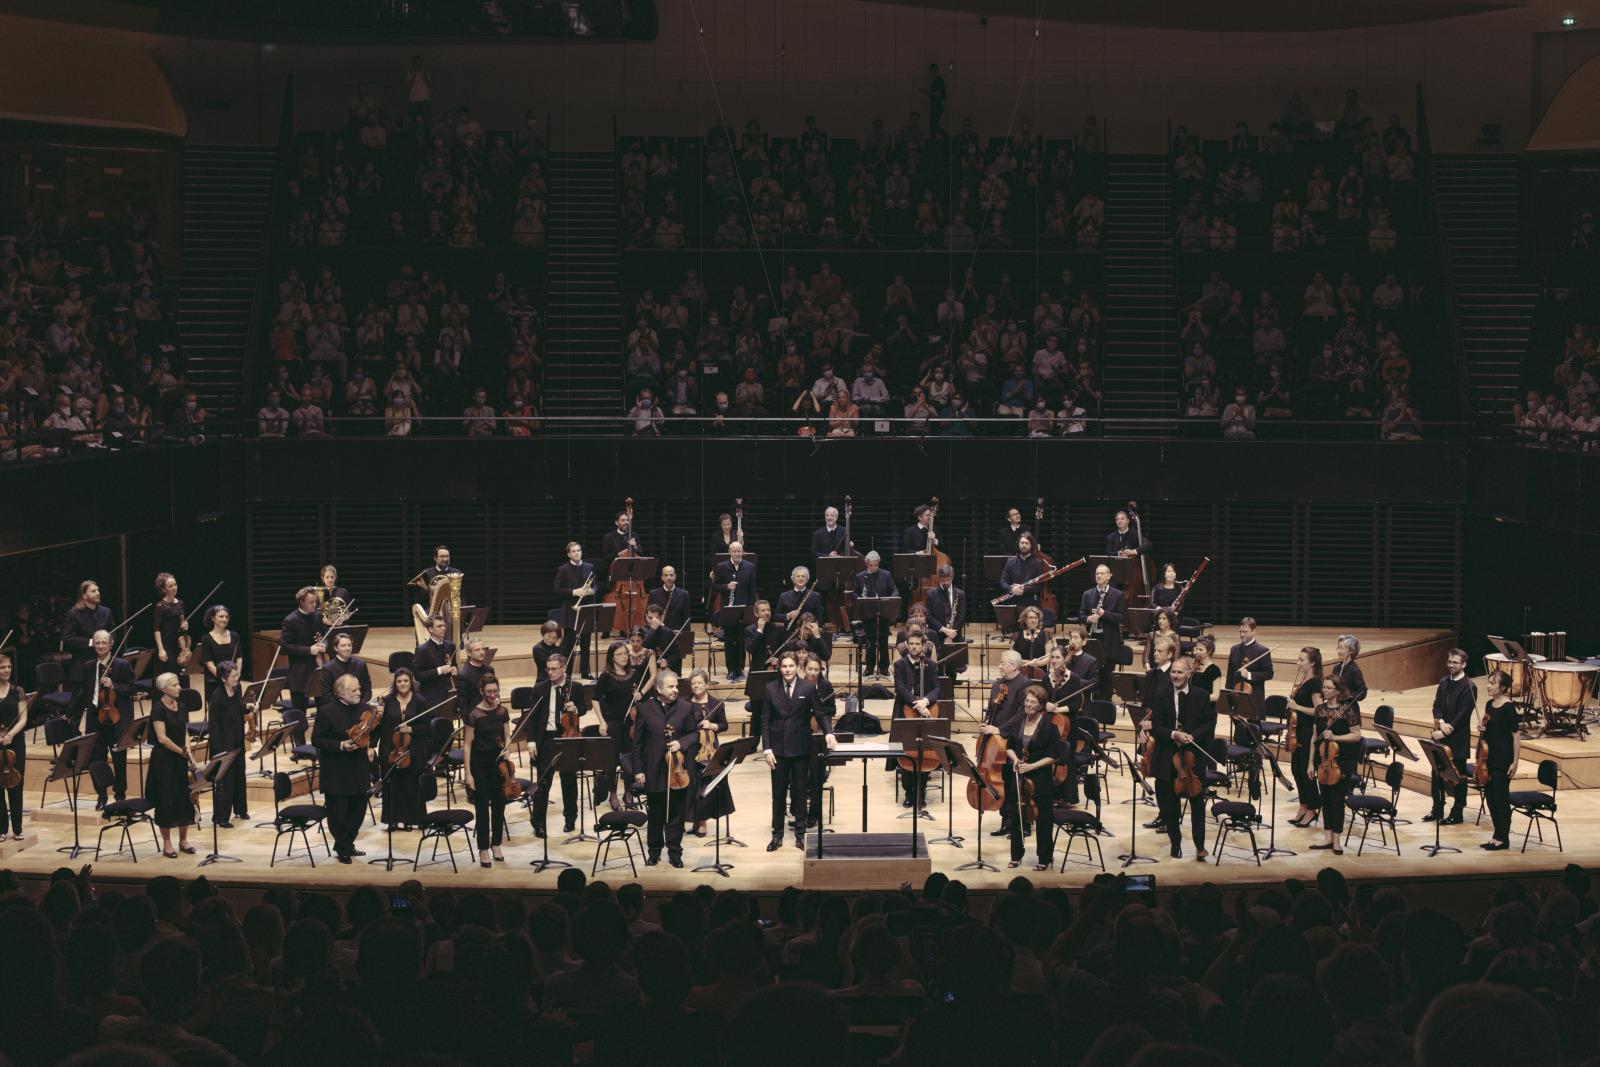 Orchestre de Paris / Klaus Mäkelä, concert donné dans la Grande salle Pierre Boulez le 9 juillet 2020. Crédit : photographie de Claire Gaby. Cité de la Musique - Philharmonie de Paris.